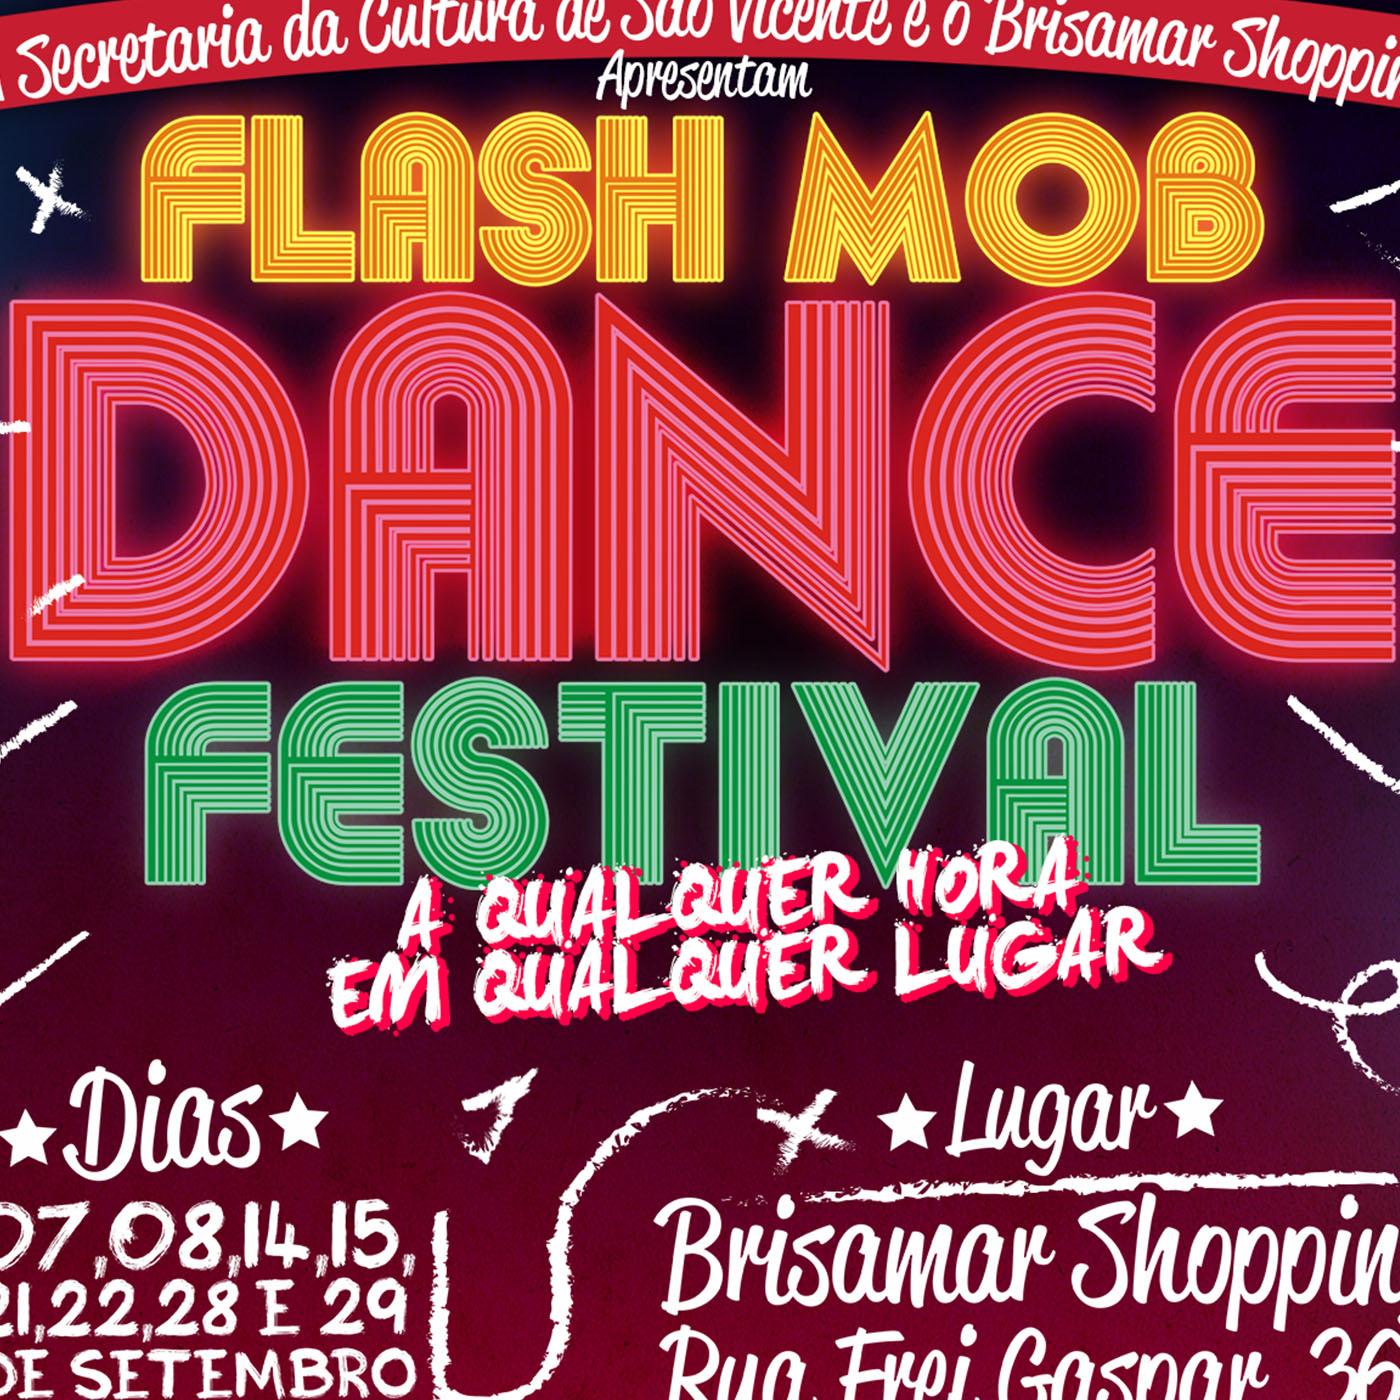 Flash Mob São Vicente